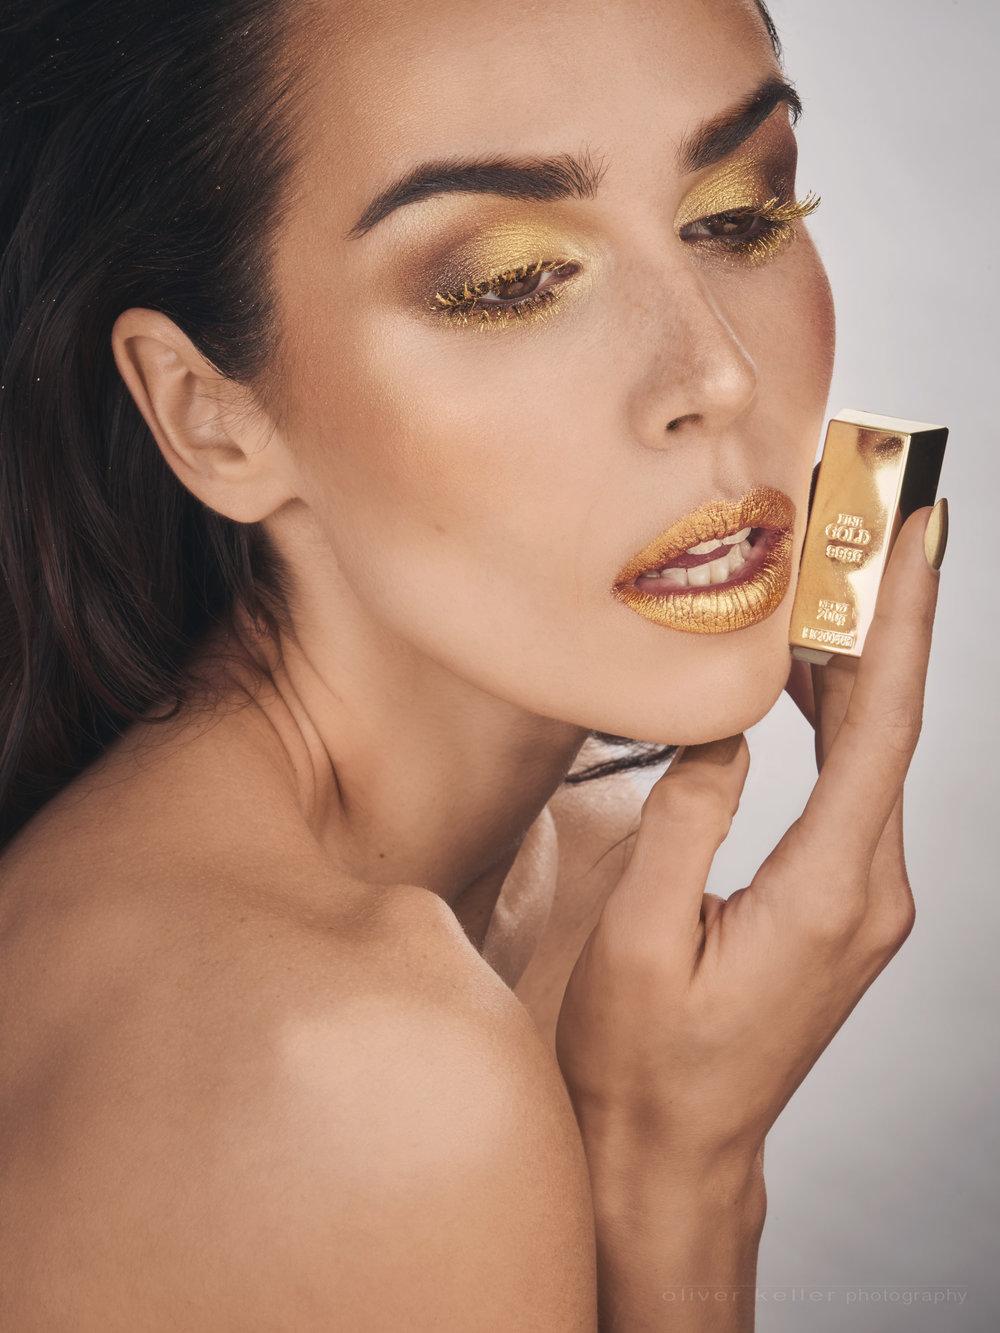 2018-11-22-gold-Akvile25380.jpg